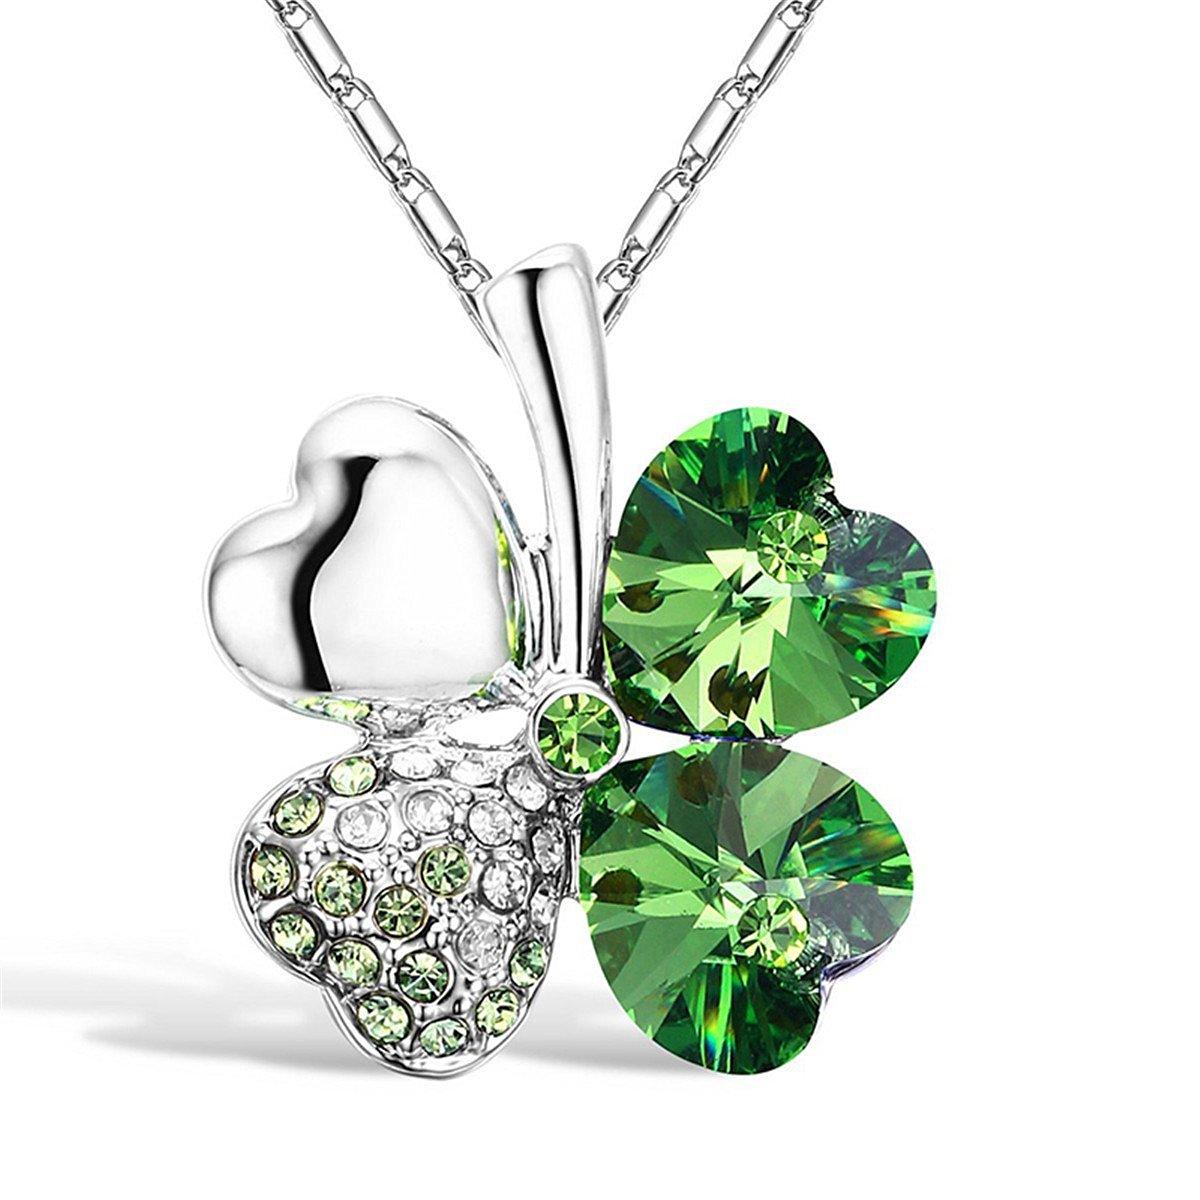 Coco*store Four Leaf Versilbert Strass Kristall Clover Statement Kette Anhänger Halskette*1